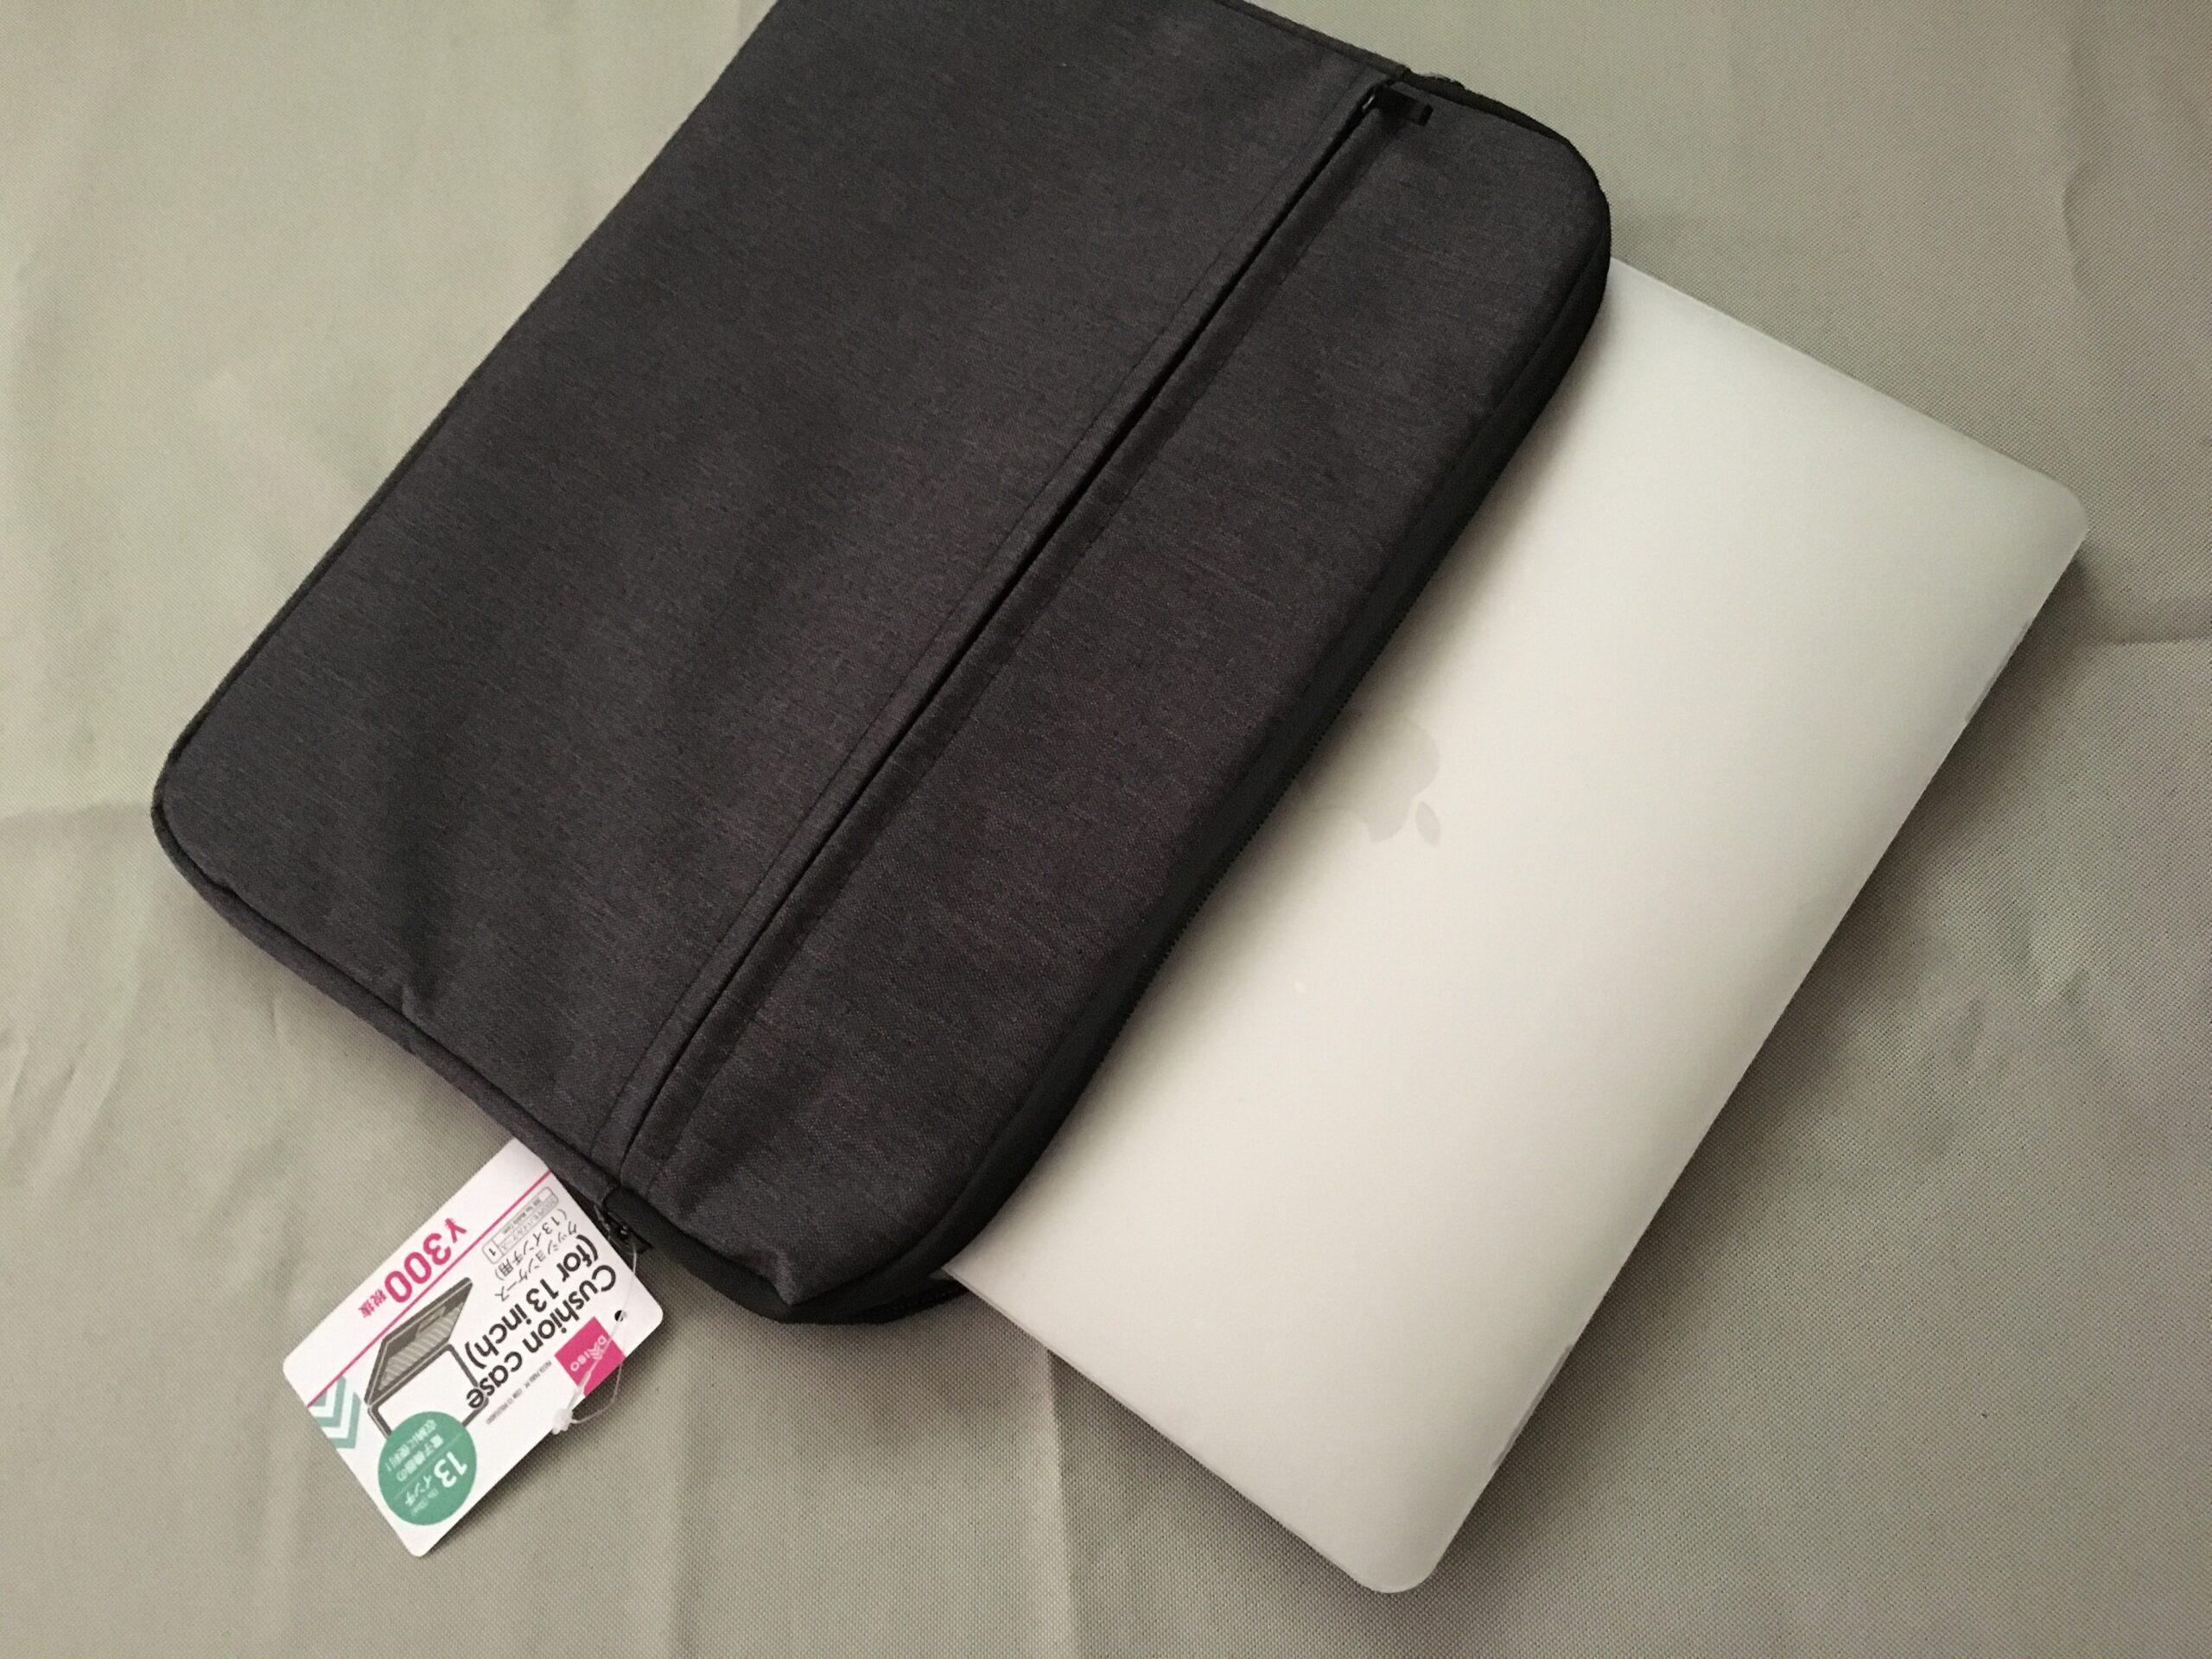 パソコン用300円バッグがおすすめ。ダイソー「クッションPCケース13インチ」